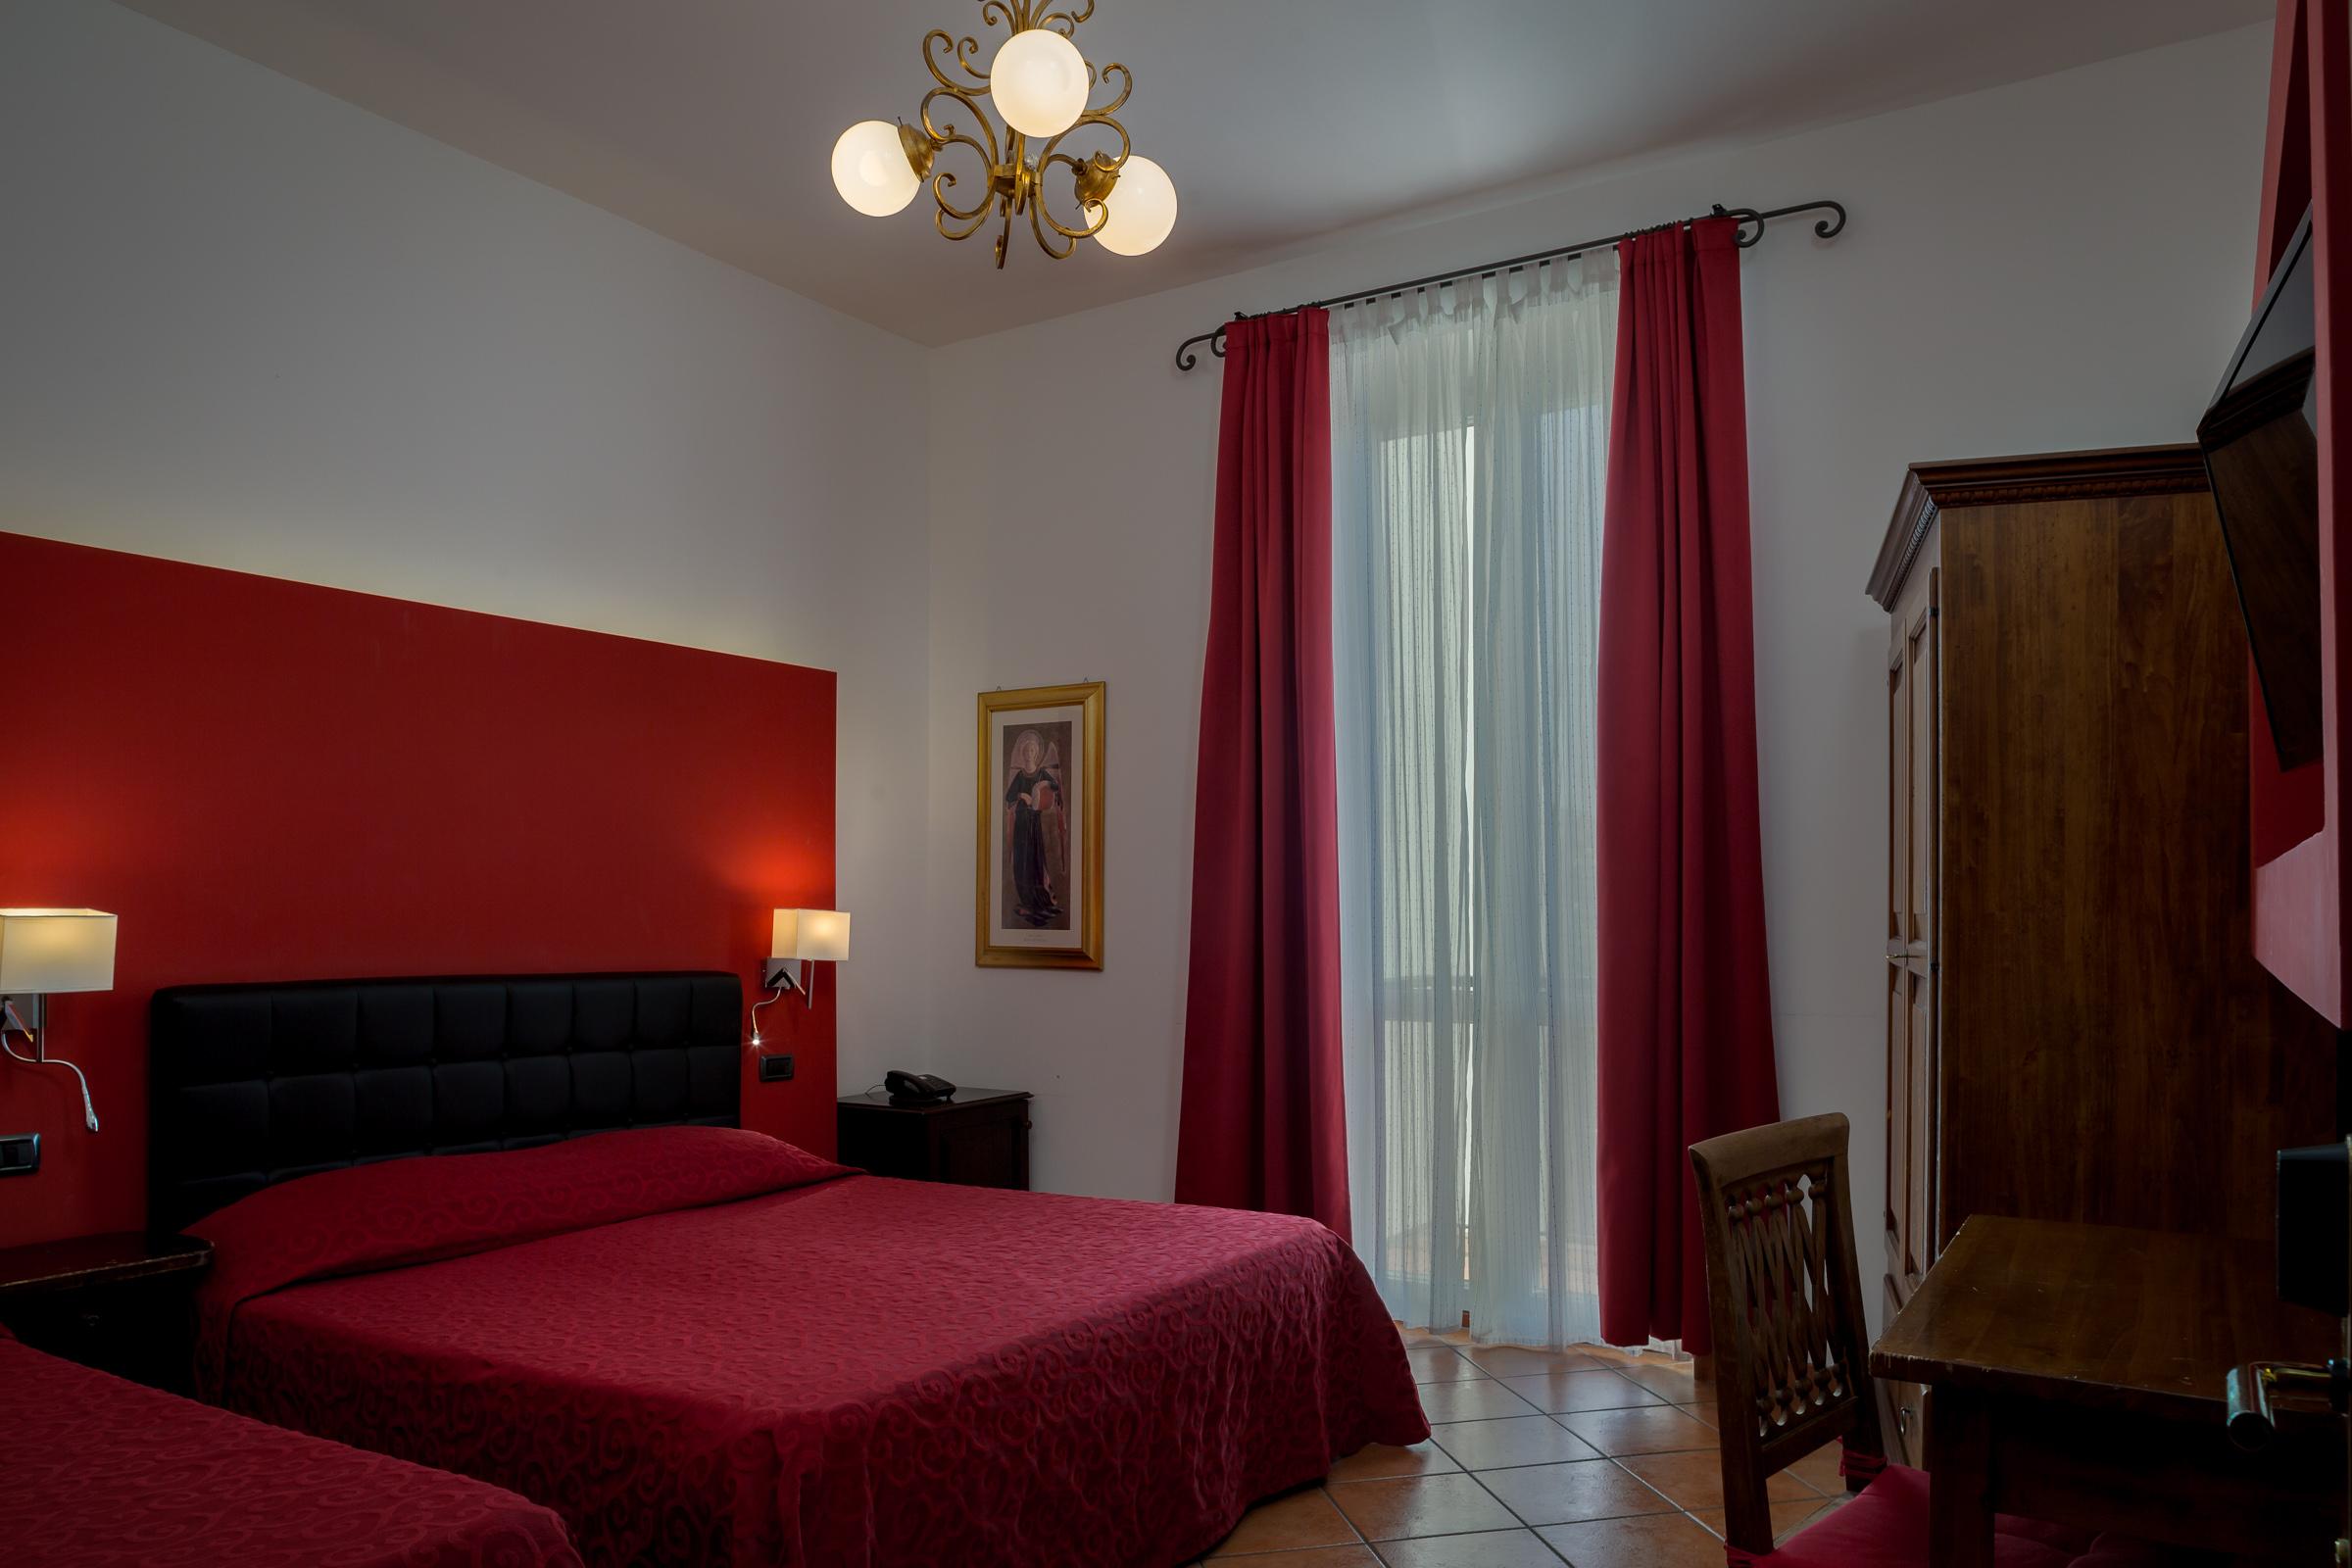 camera-tripla-letto